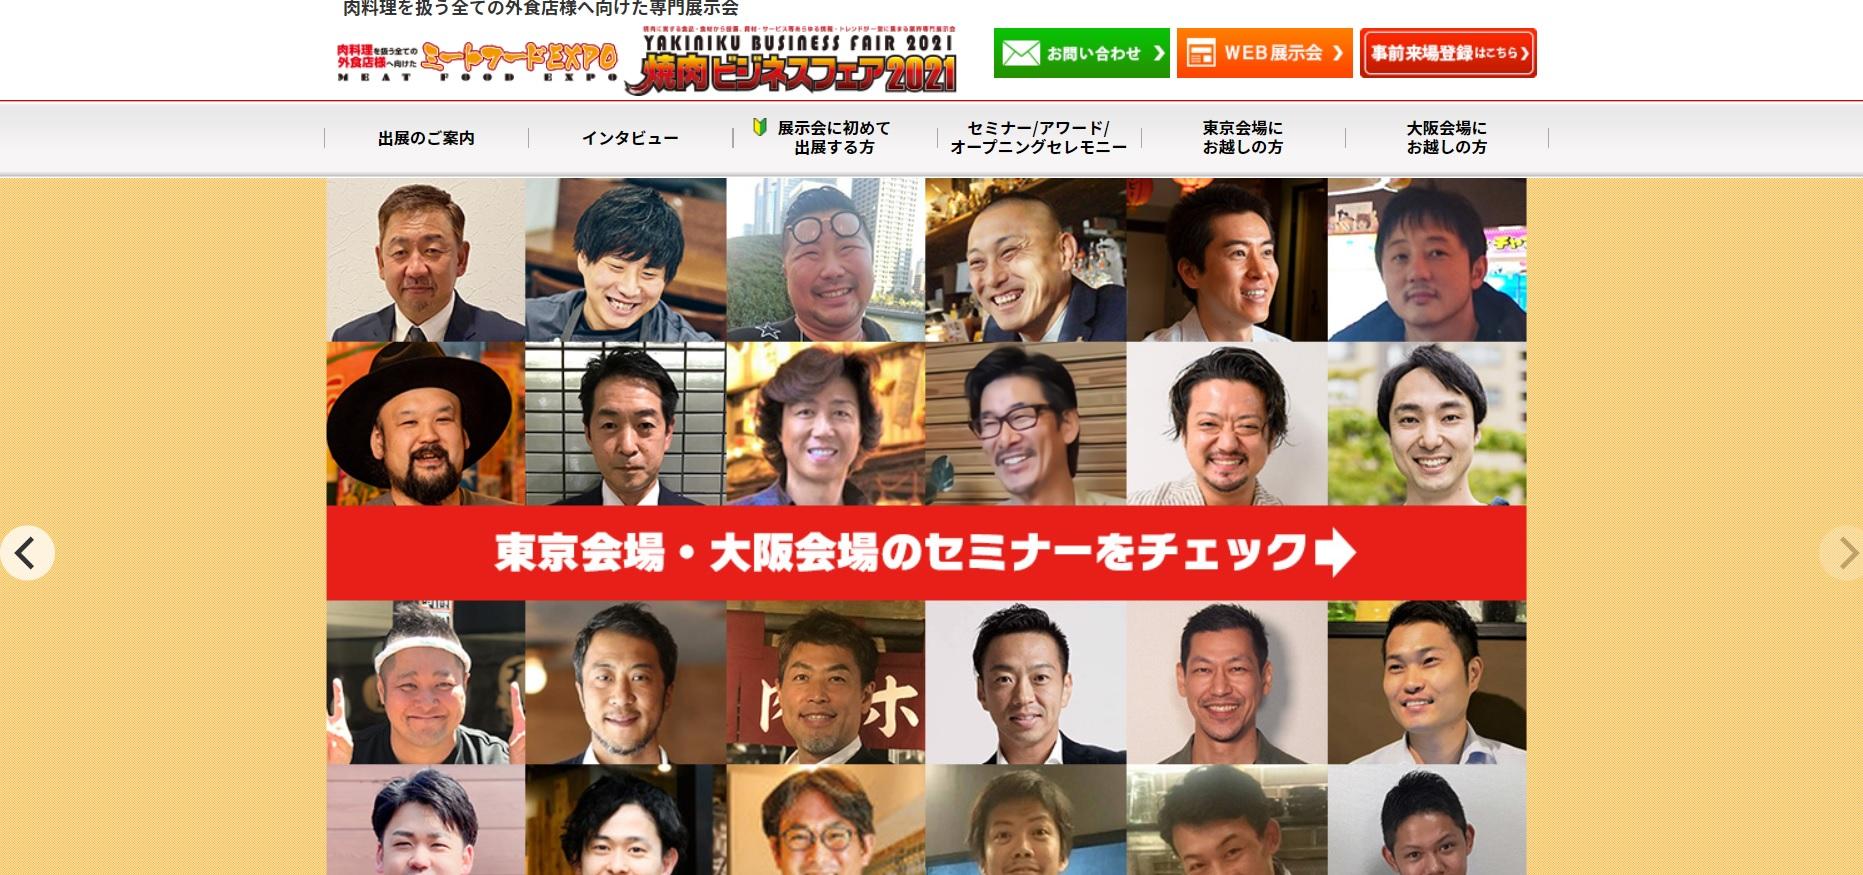 焼肉ビジネスフェア2021